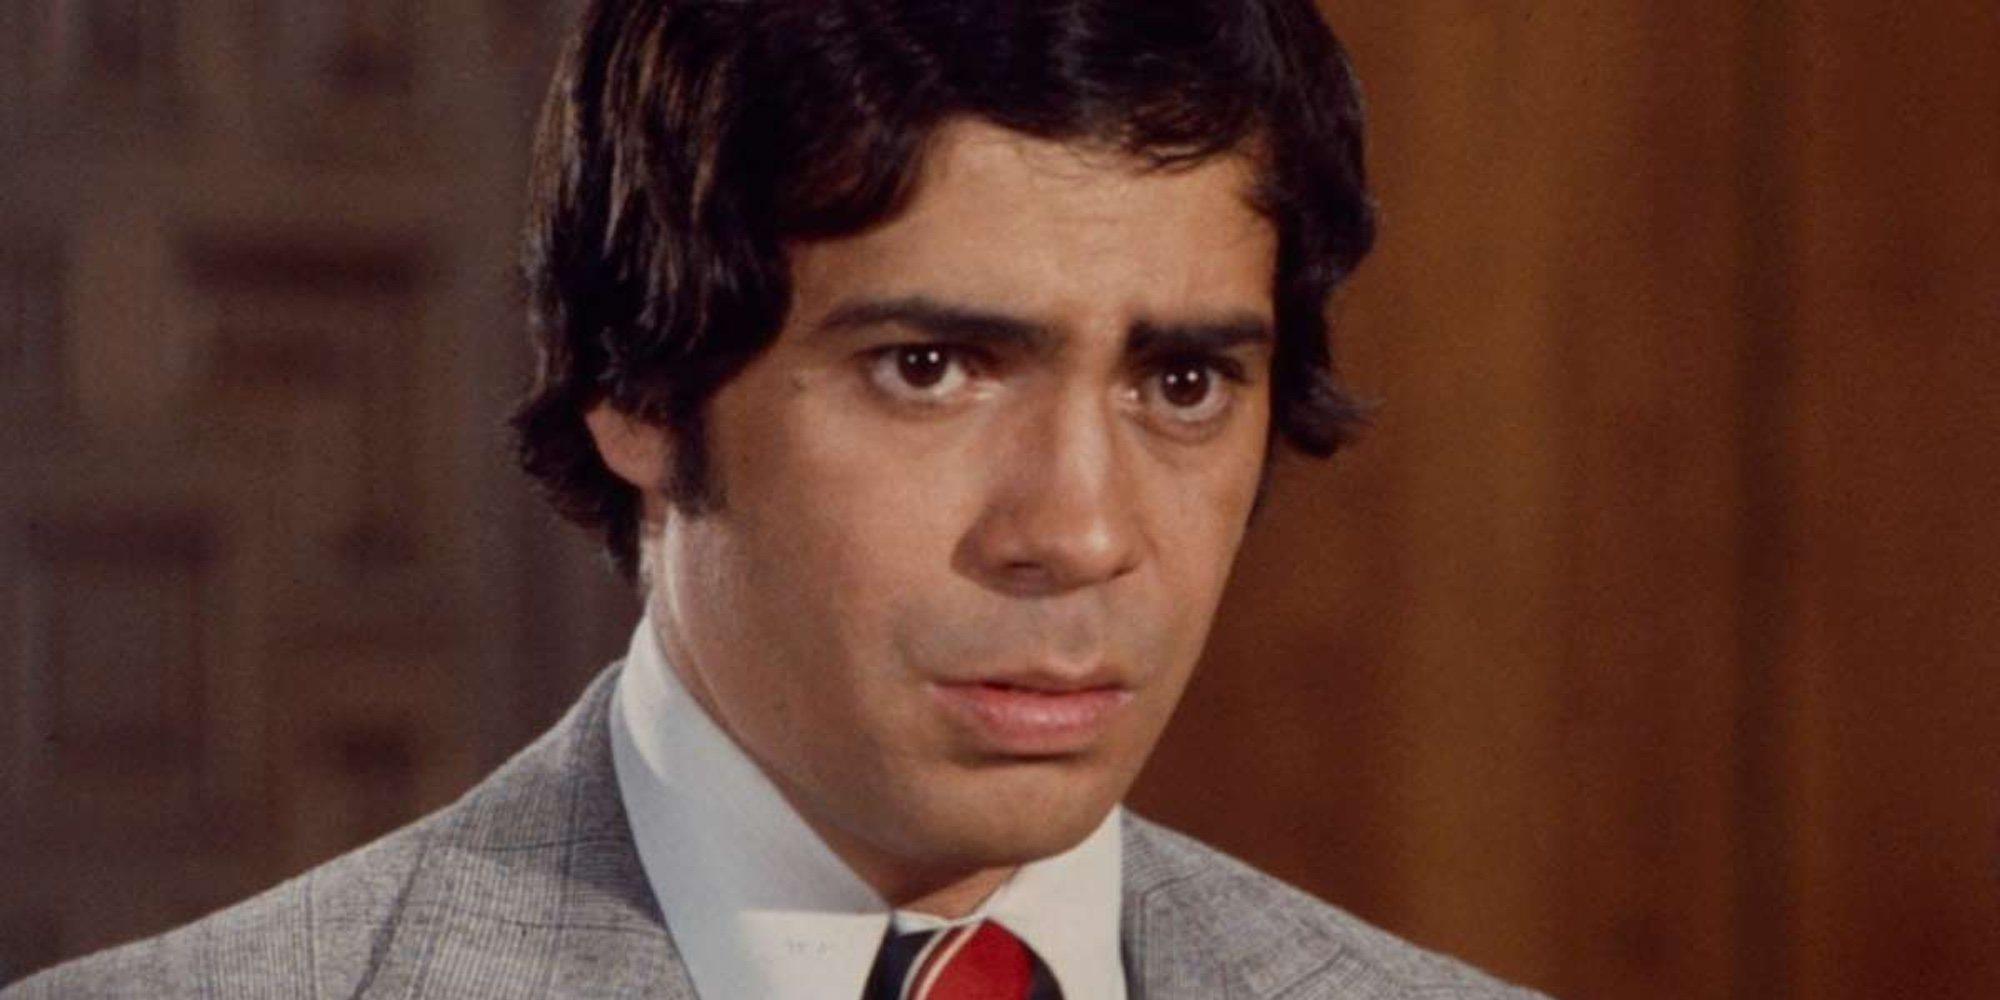 Muere Reni Santoni, actor de 'Harry el sucio' y 'Seinfeld', a los 81 años